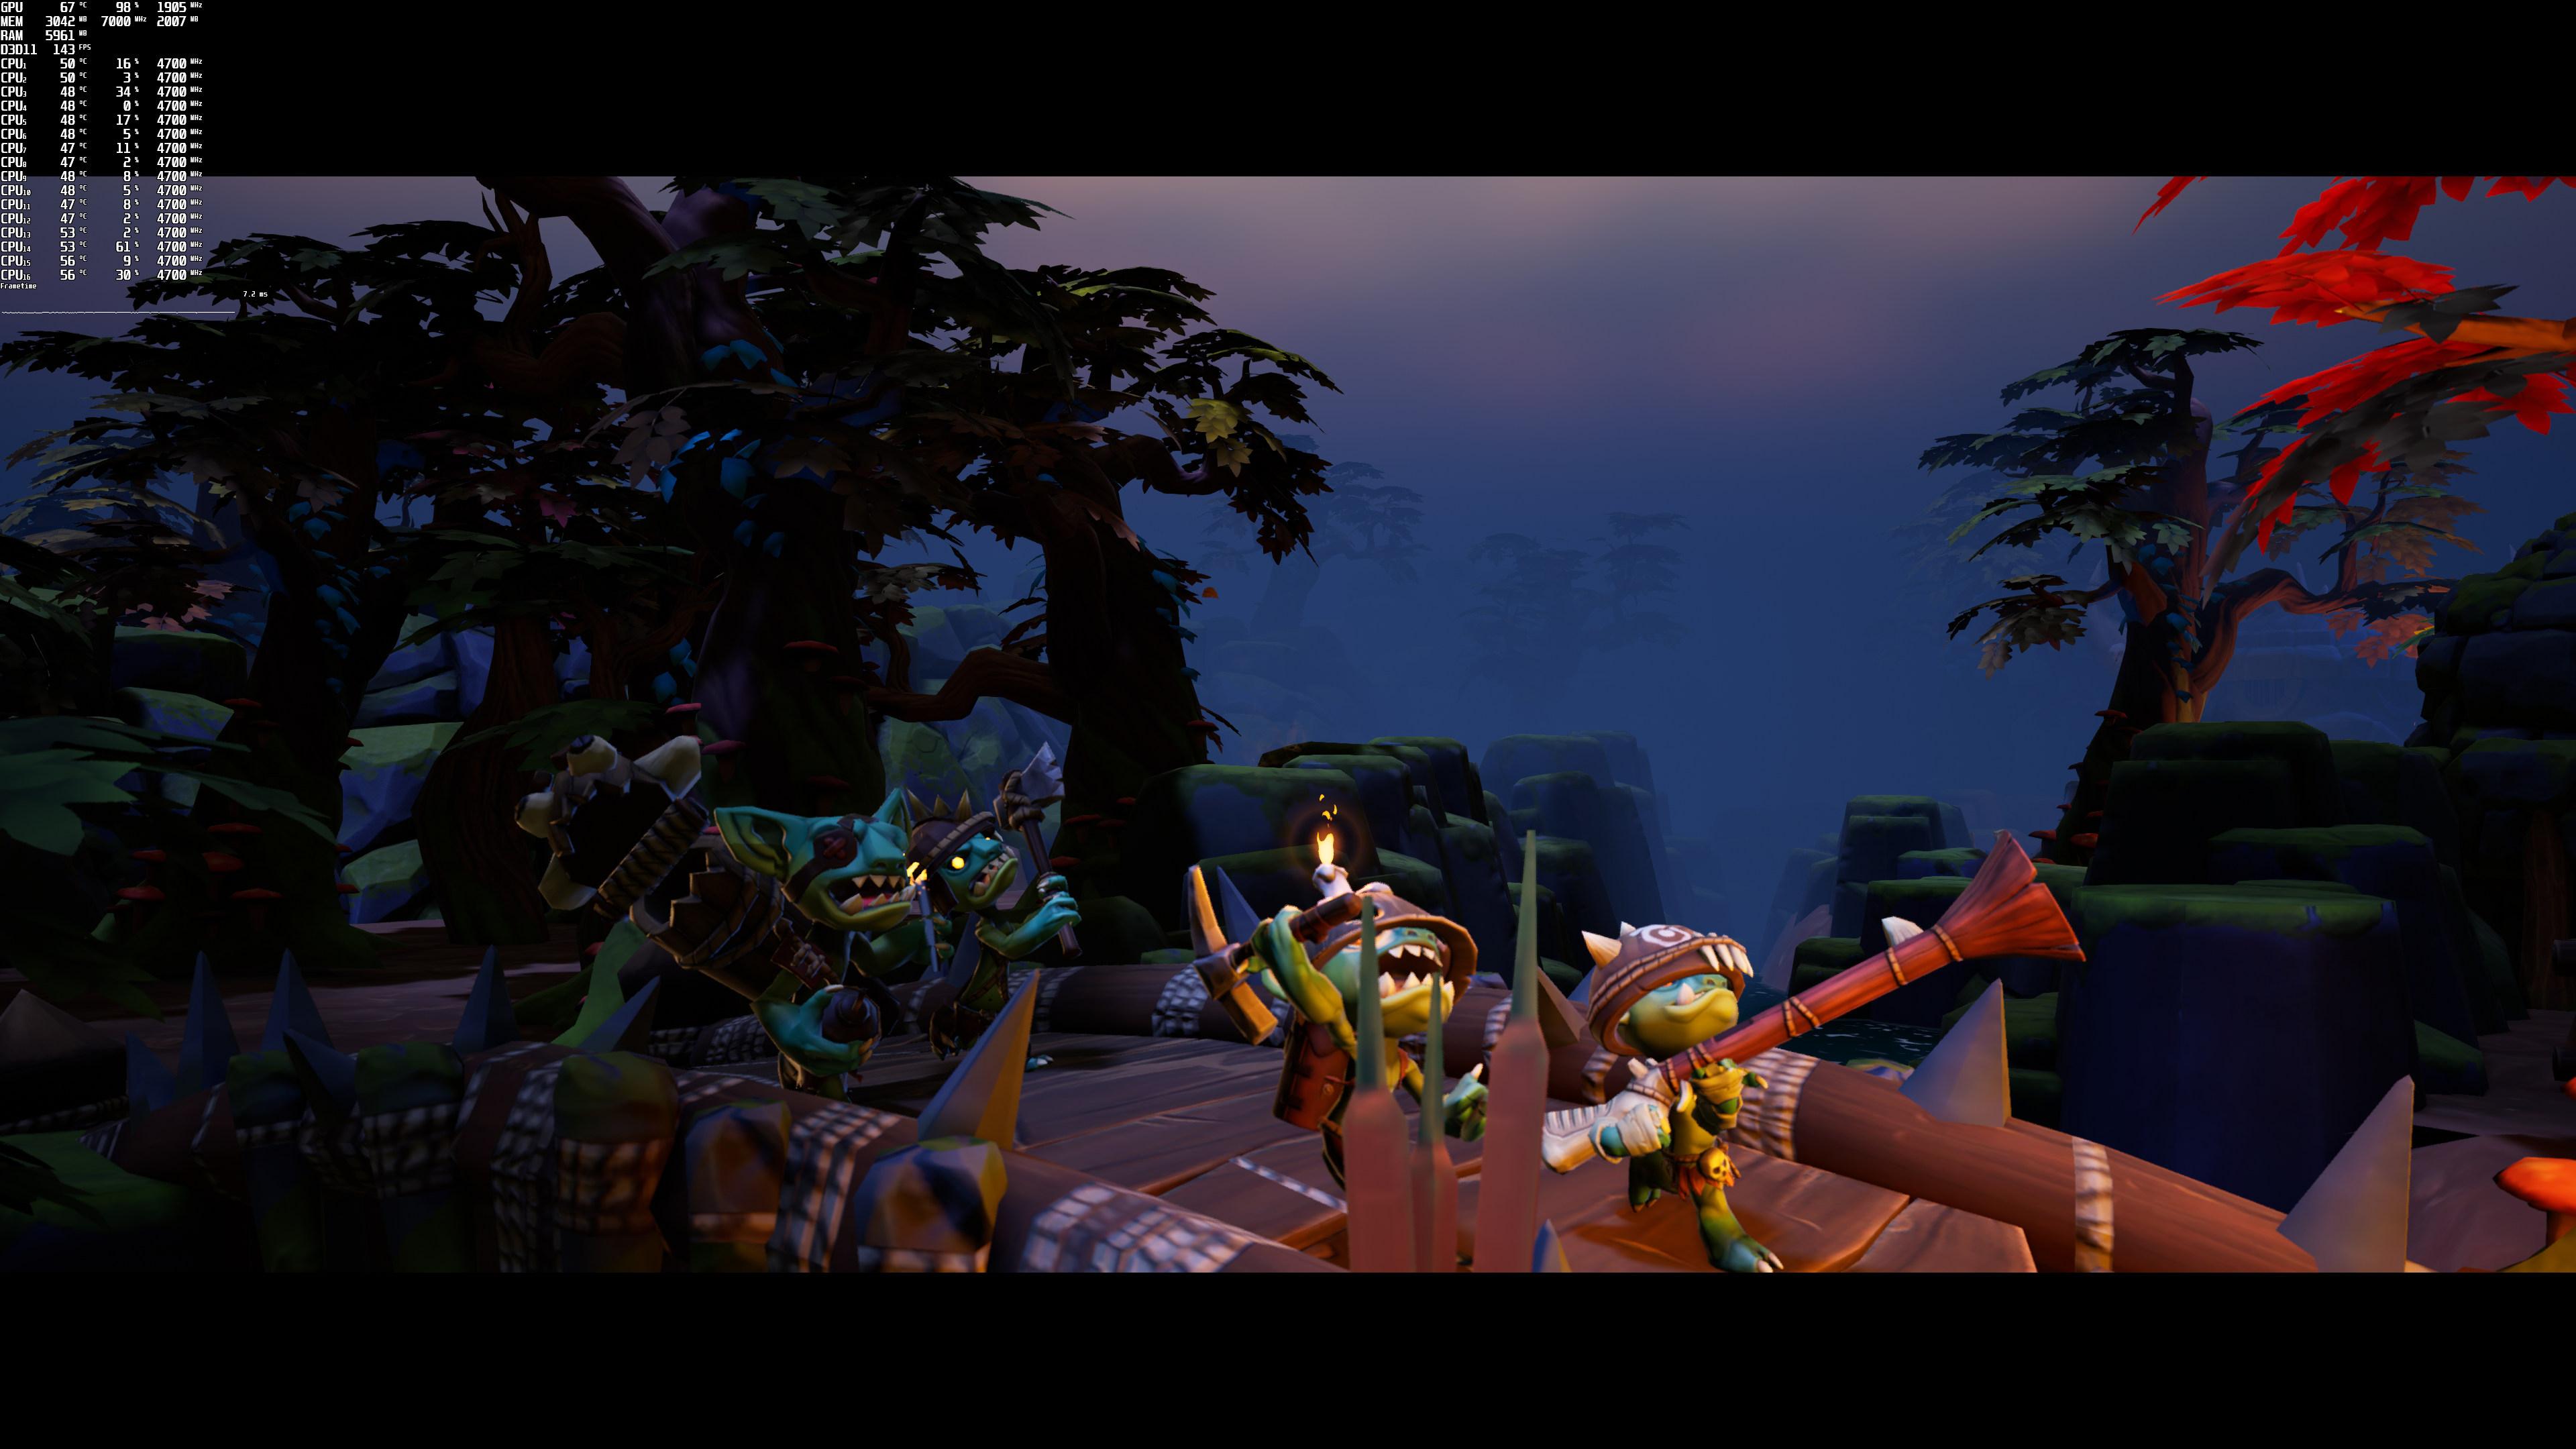 《火炬之光3》4K/最高画质截图 画面不尽如人意